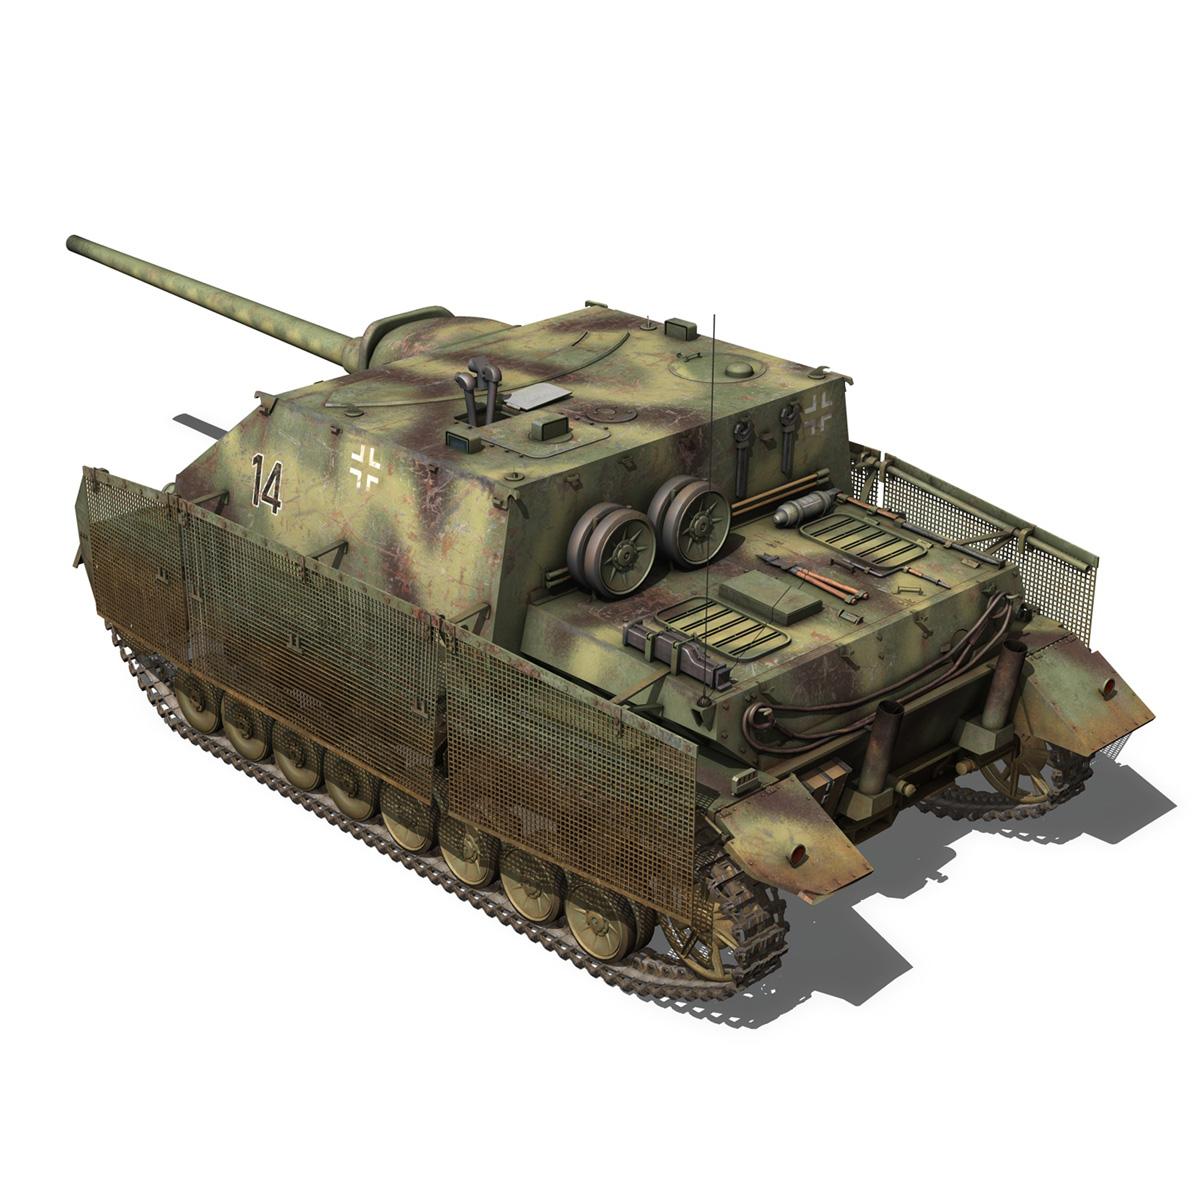 jagdpanzer iv l/70 (a) – 14 3d model 3ds fbx c4d lwo obj 282331